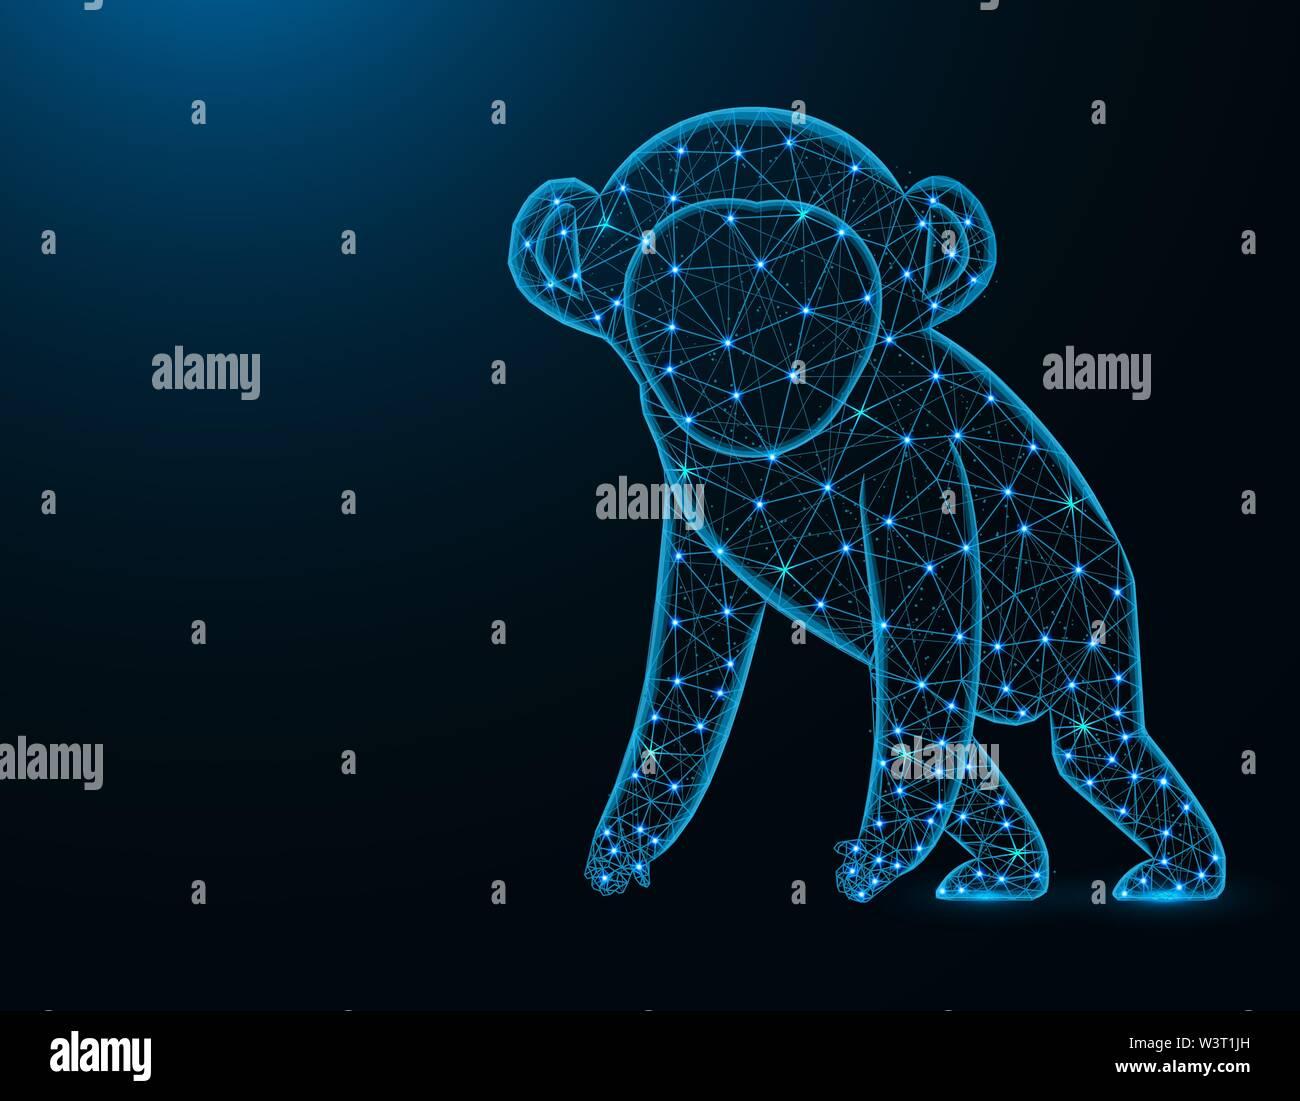 Un singe, modèle poly faible résumé animale africaine, primate graphiques wireframe polygonale vector illustration sur fond bleu foncé Photo Stock